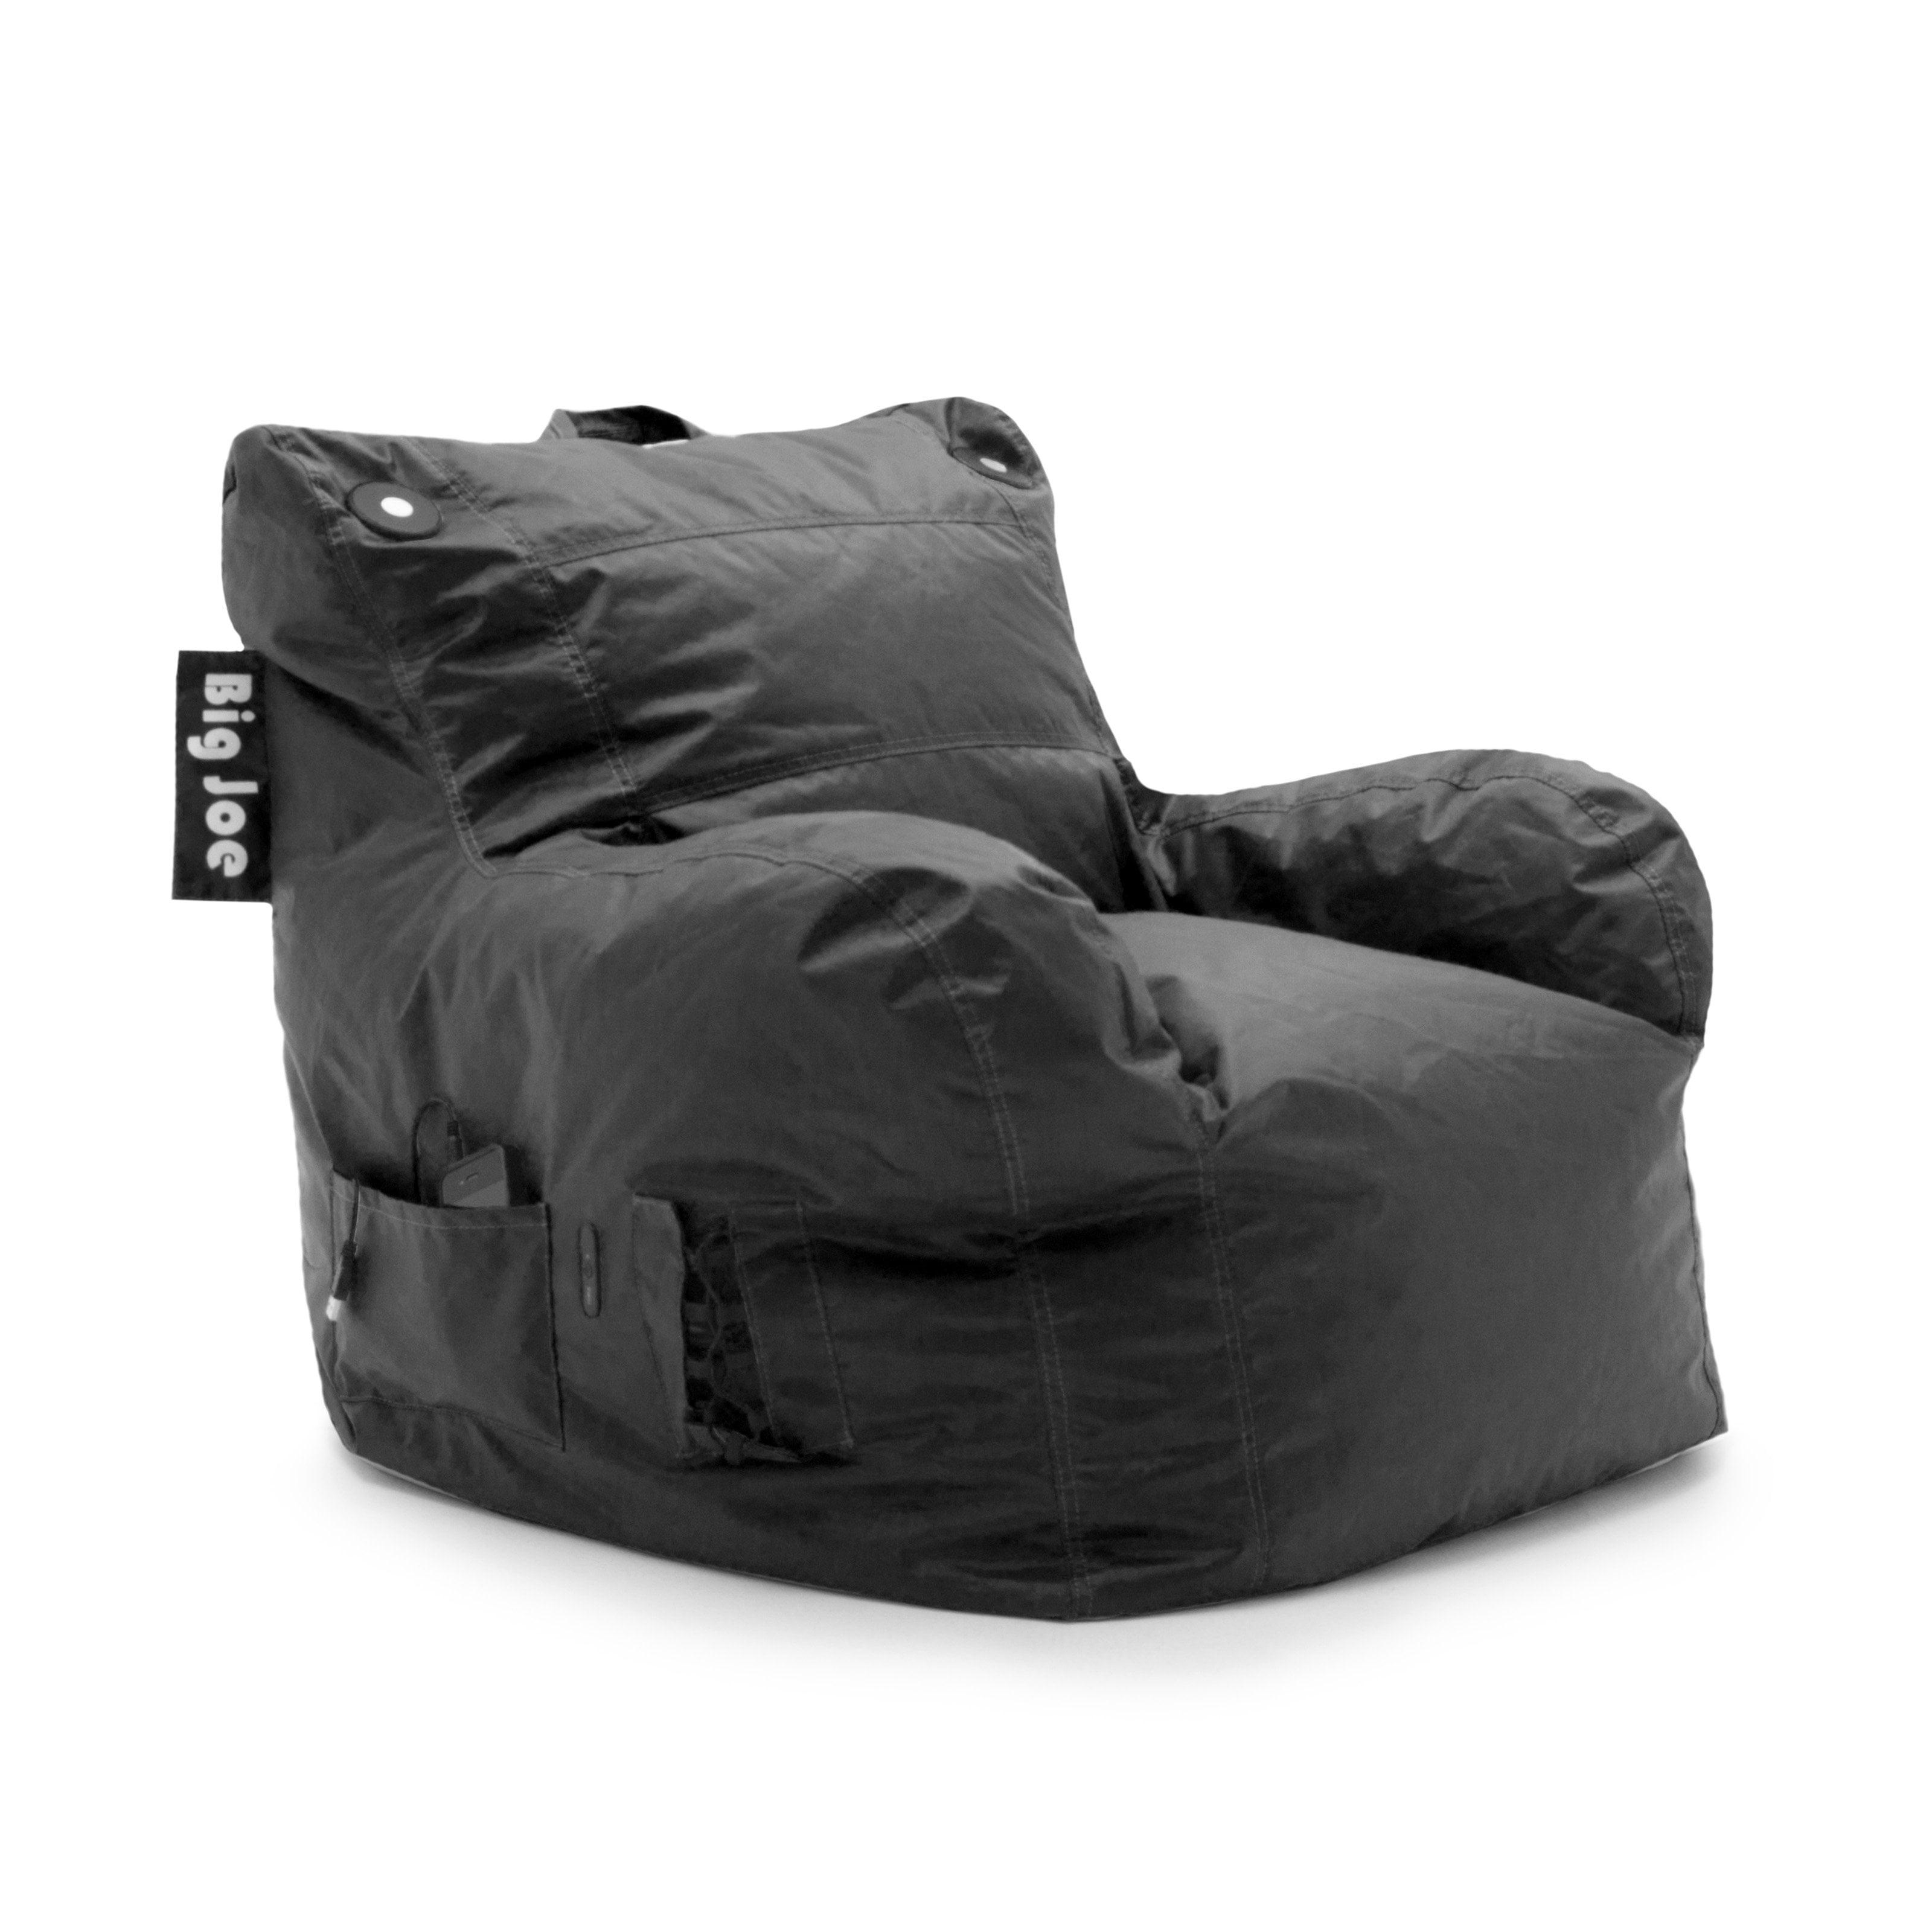 Big Joe Brio Bean Bag Chair Walmart